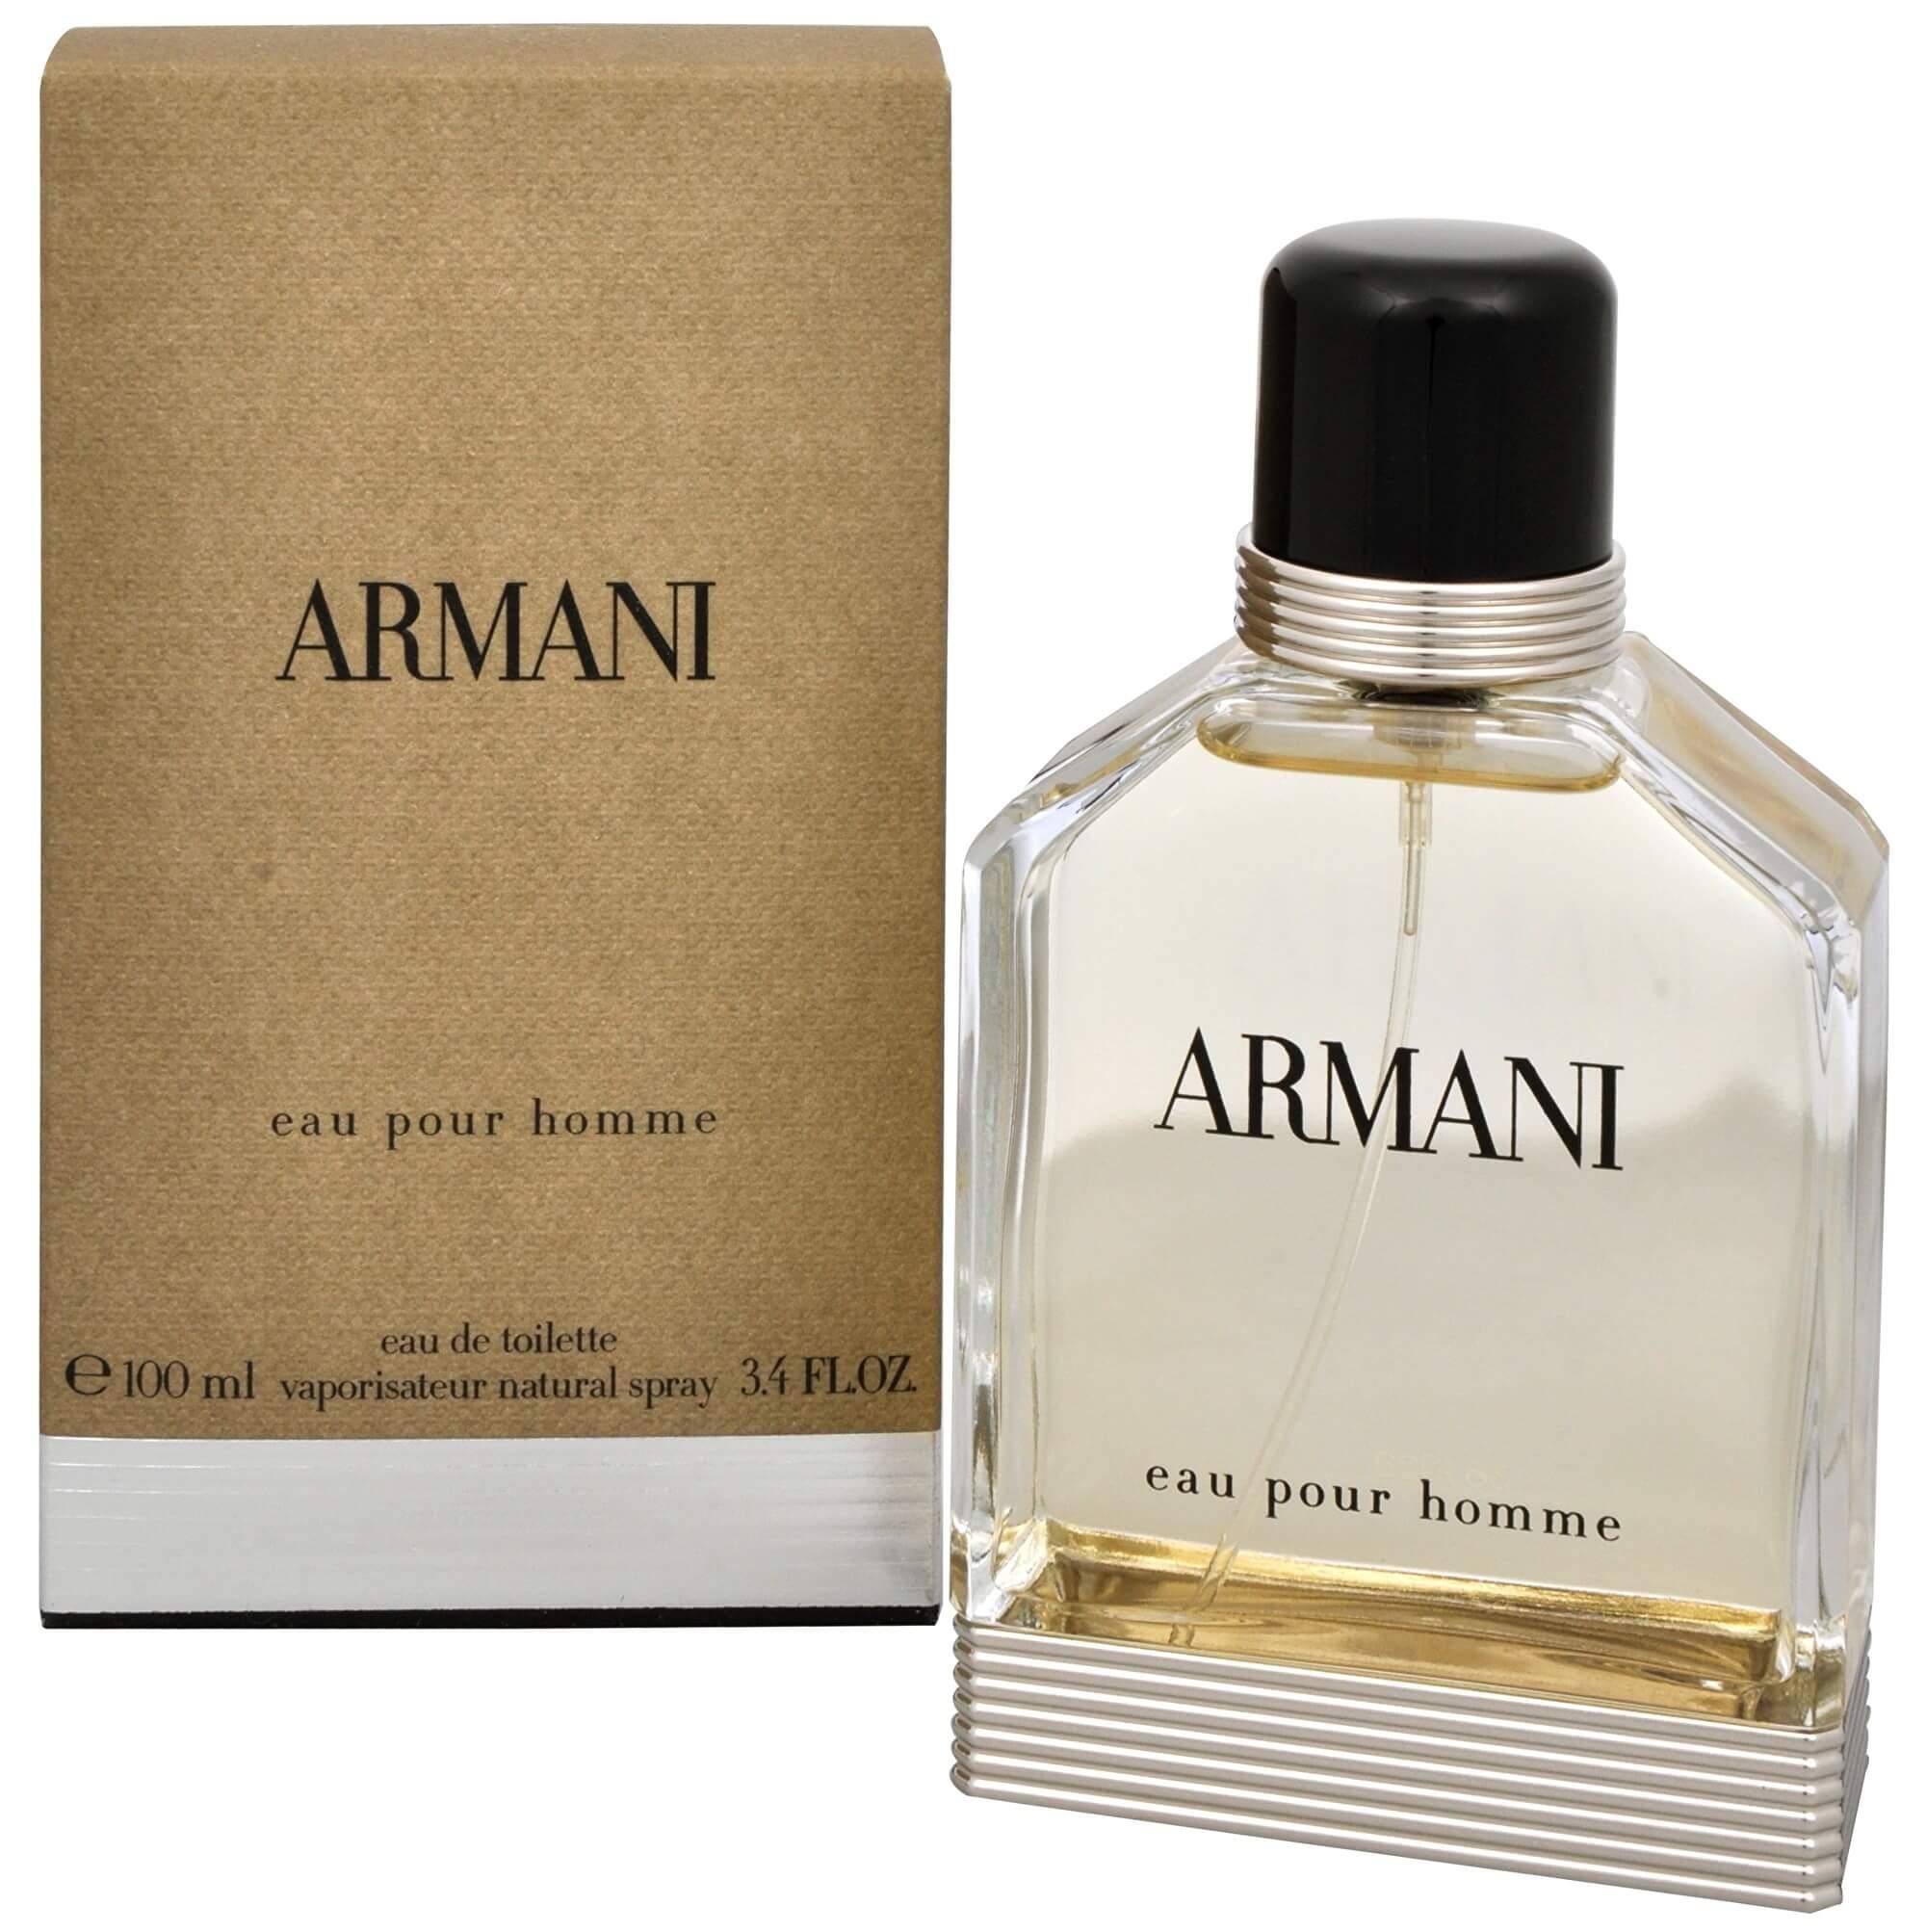 armani eau pour homme 2013 edt. Black Bedroom Furniture Sets. Home Design Ideas